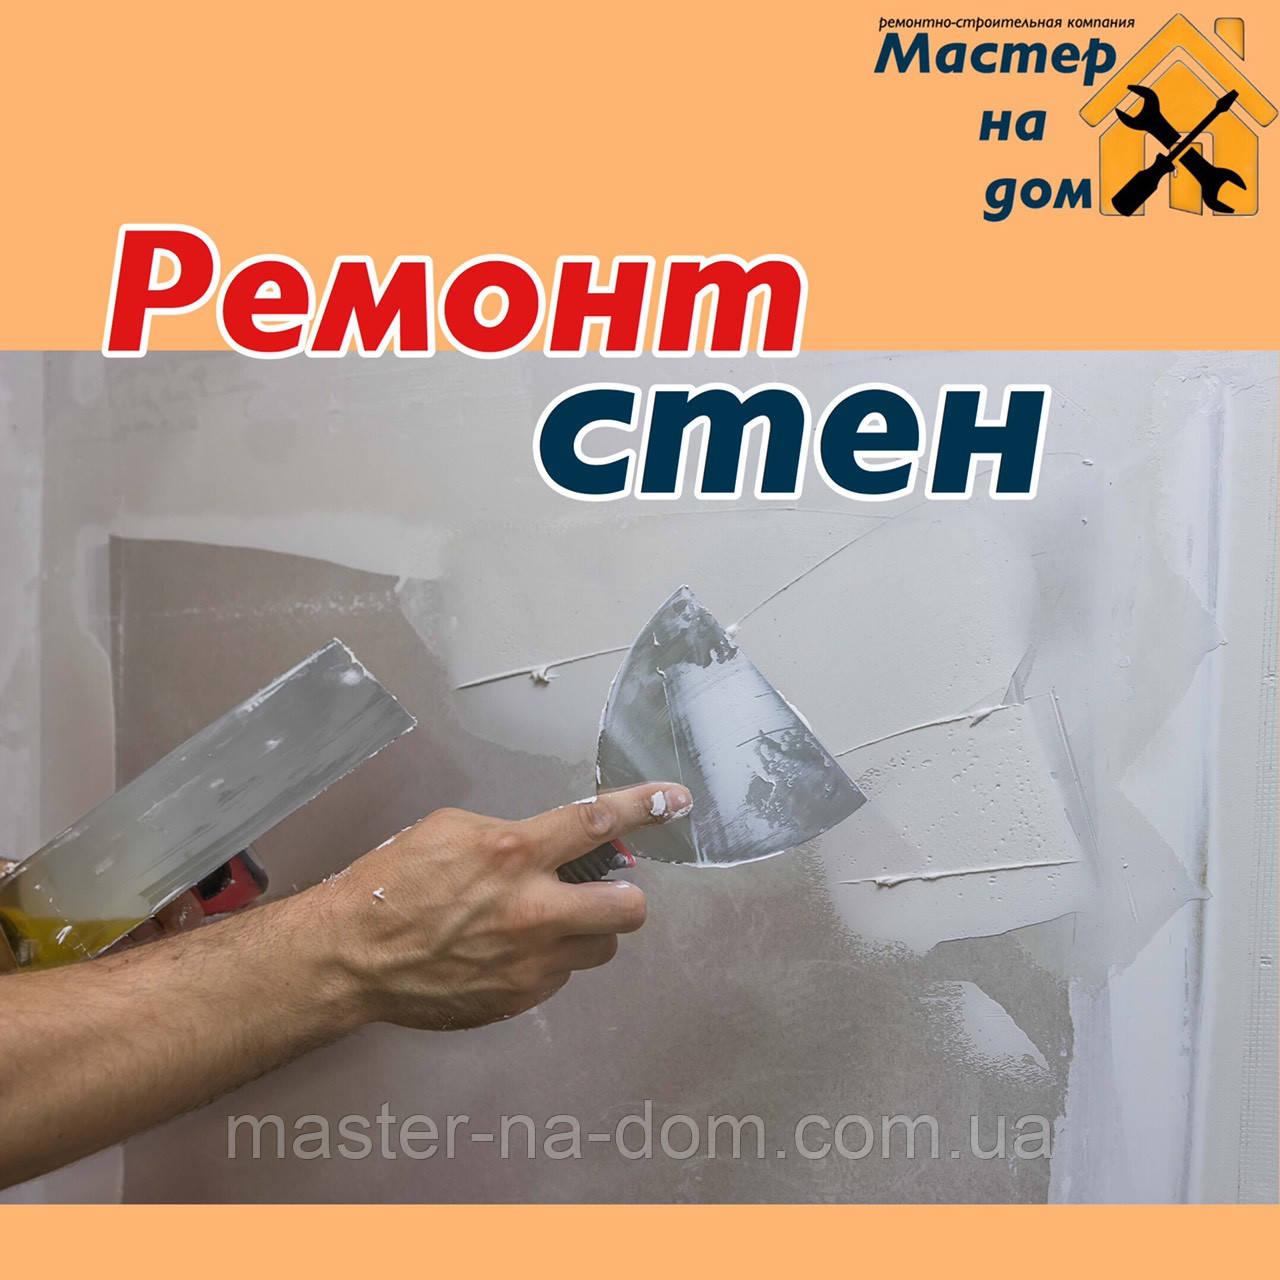 Ремонт і обробка стін в Ужгороді